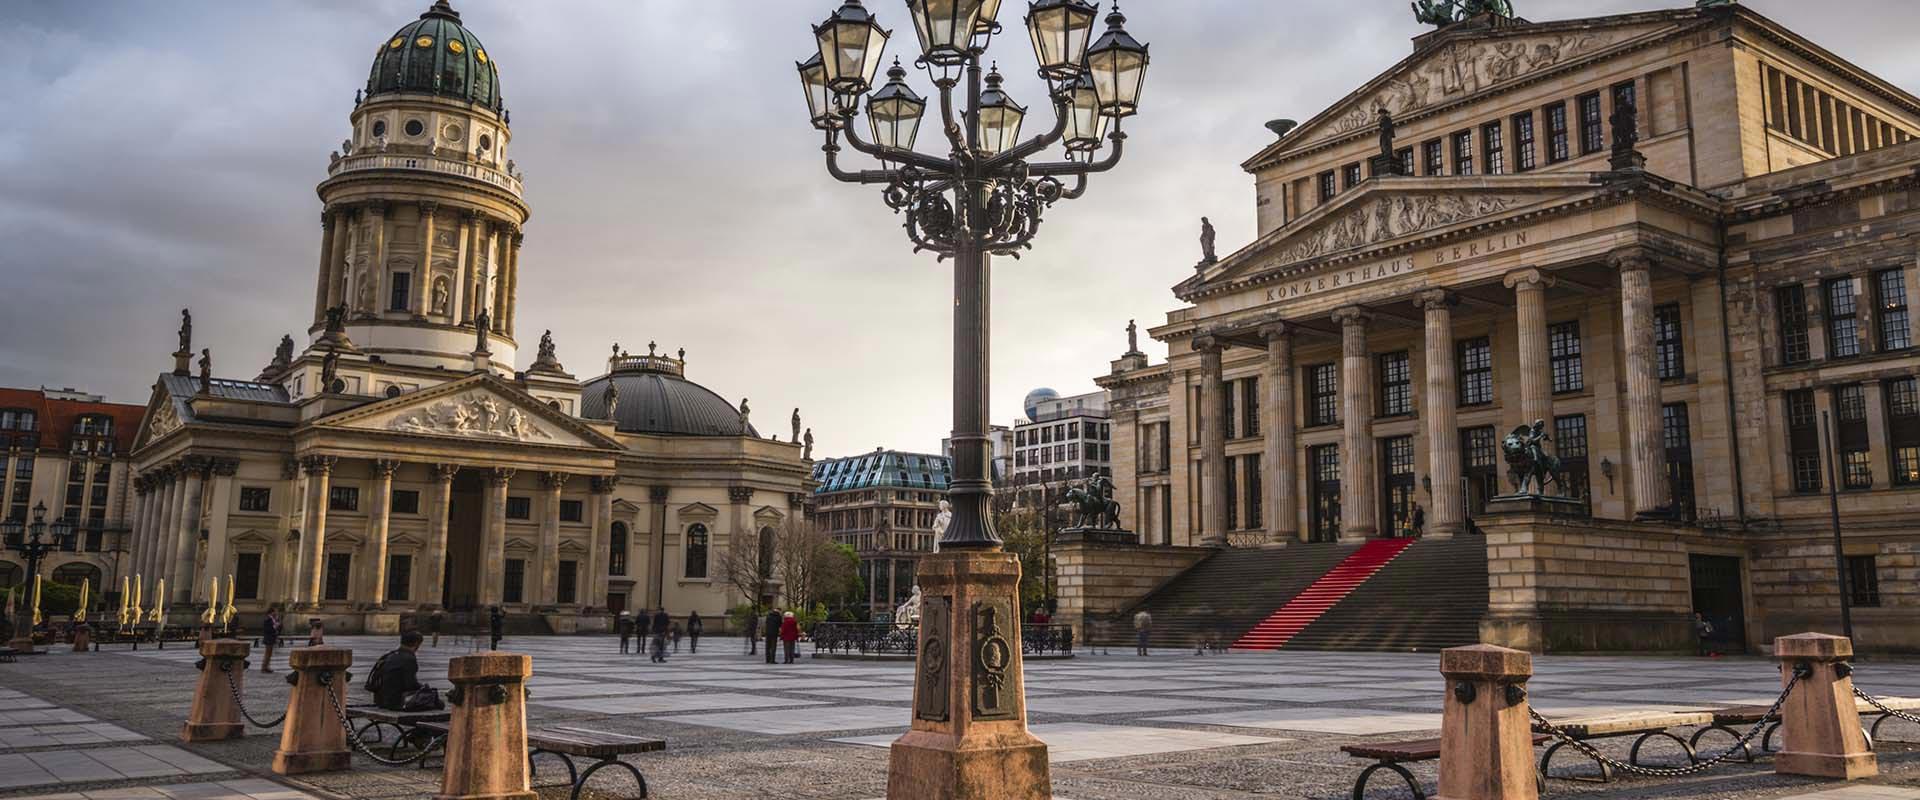 Berlin Public Holidays 2021